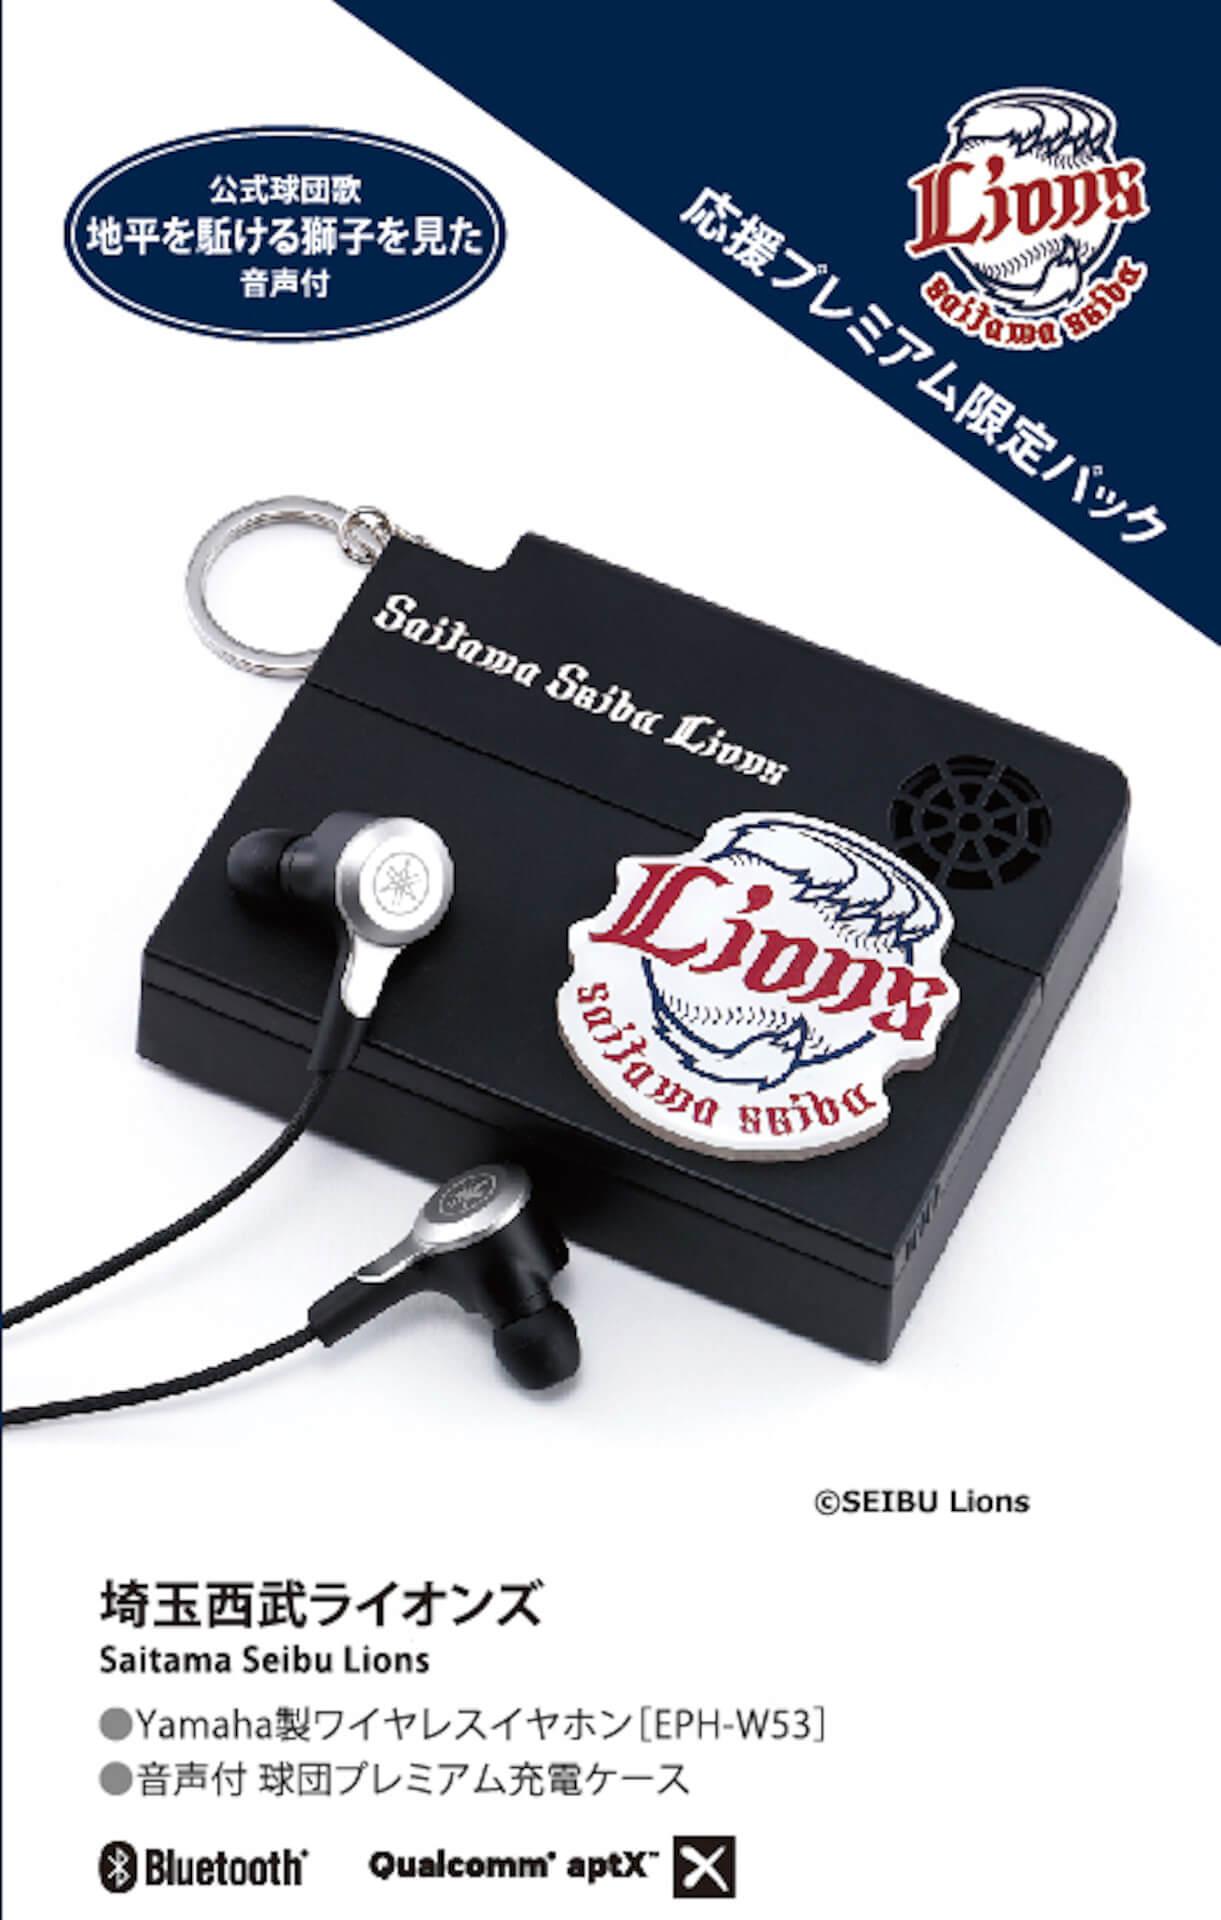 ホークス、タイガースにカープも!ワイヤレスイヤホンとプロ野球10球団別ロゴ入り充電ケースのセットが限定発売 tech191101_baseball_earphone_6